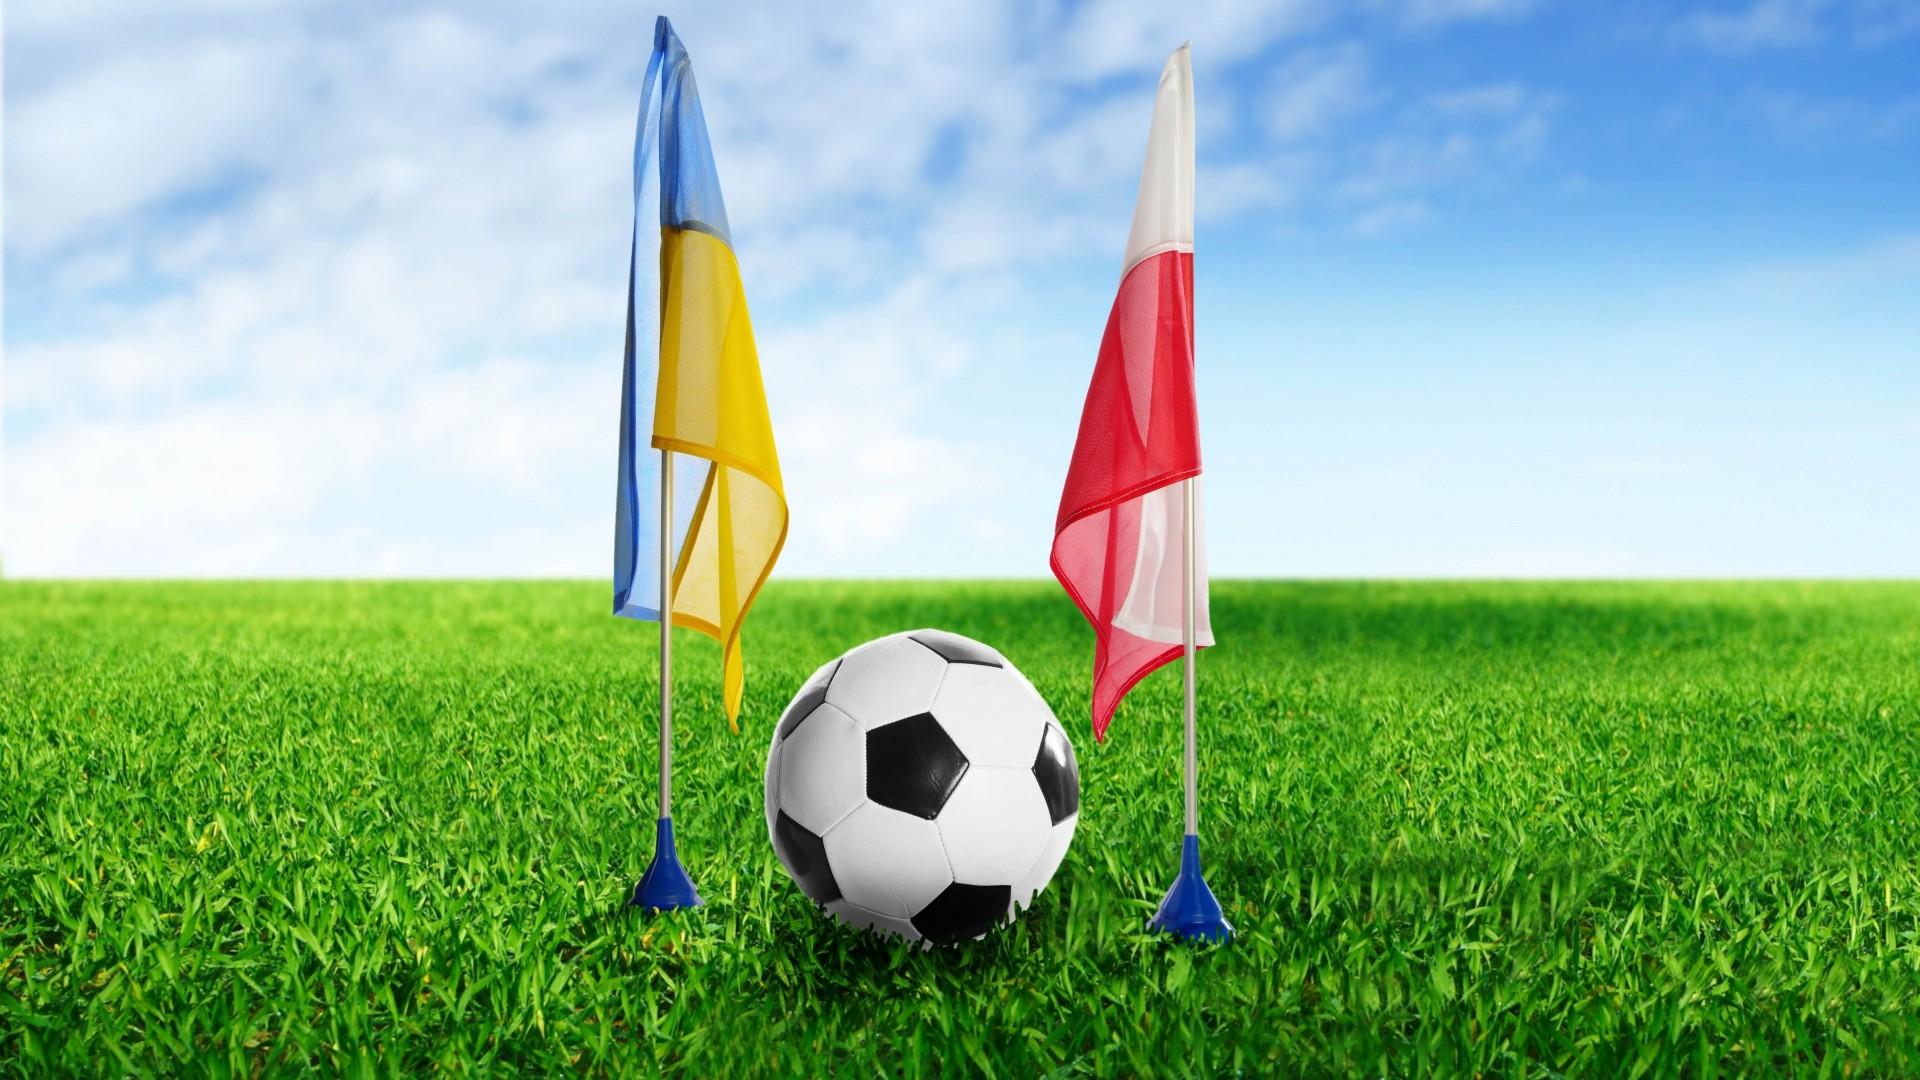 … Background Full HD 1080p. Wallpaper football, ukraine,  poland, ball, grass, flags